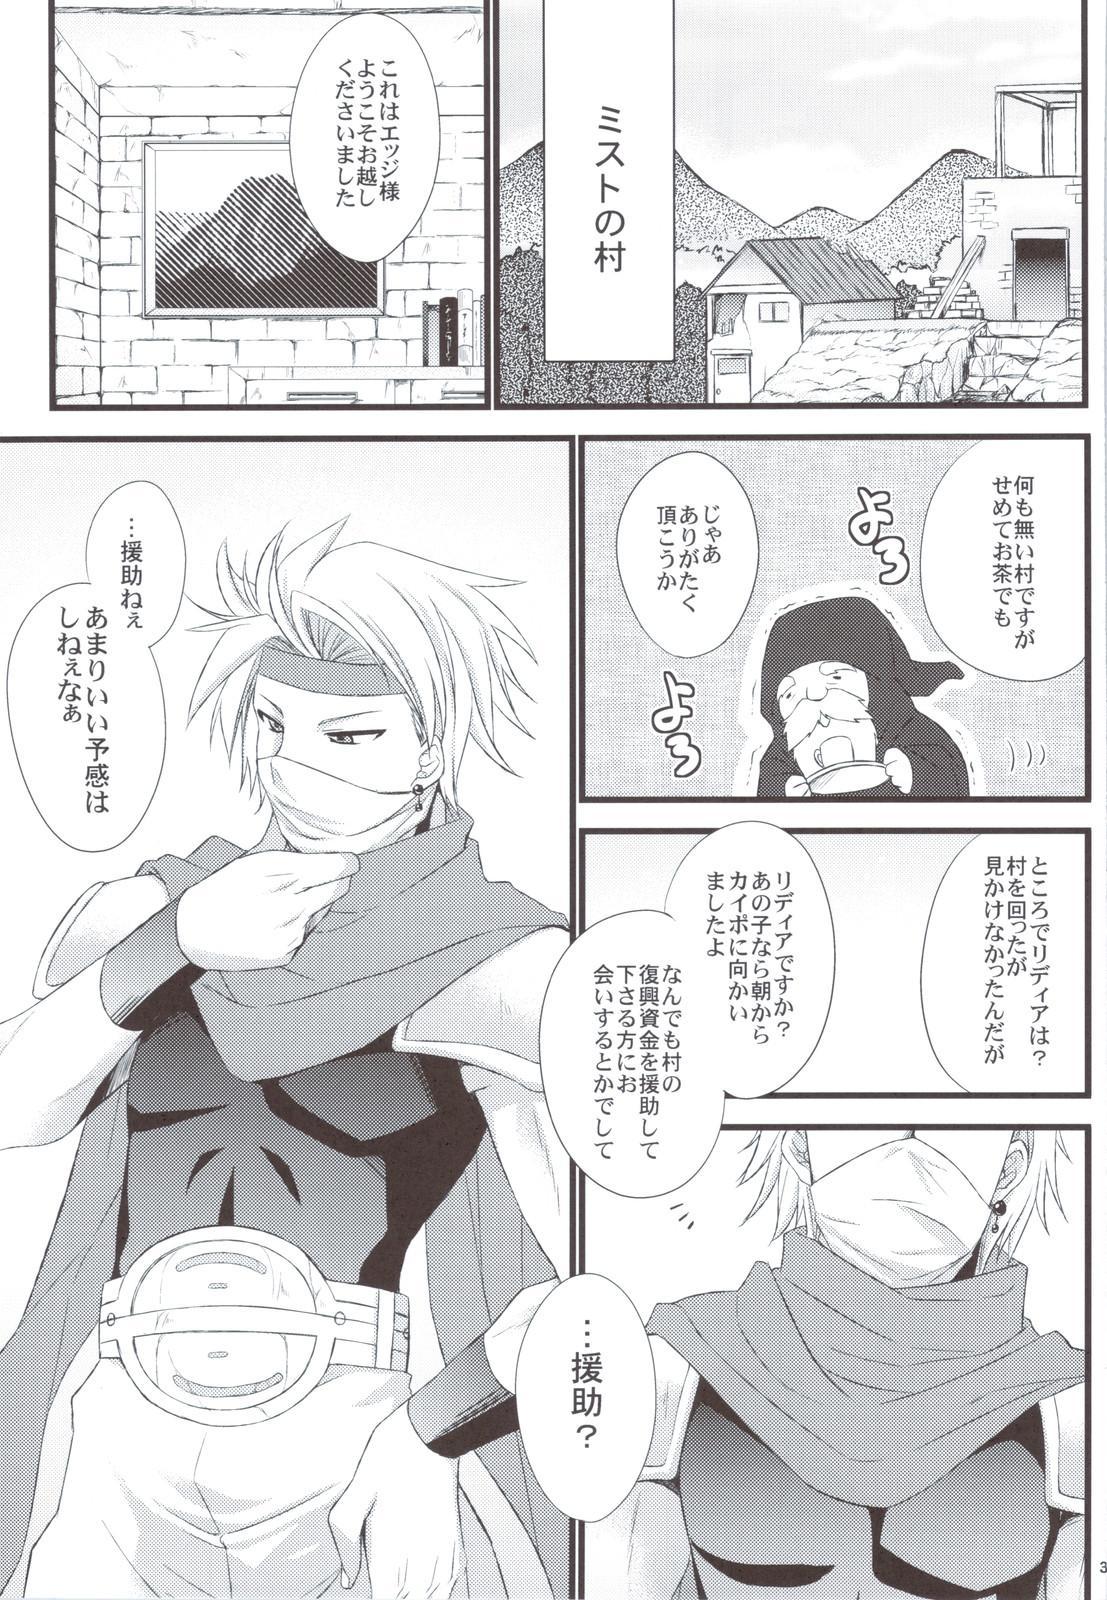 Rydia no Kachi 2